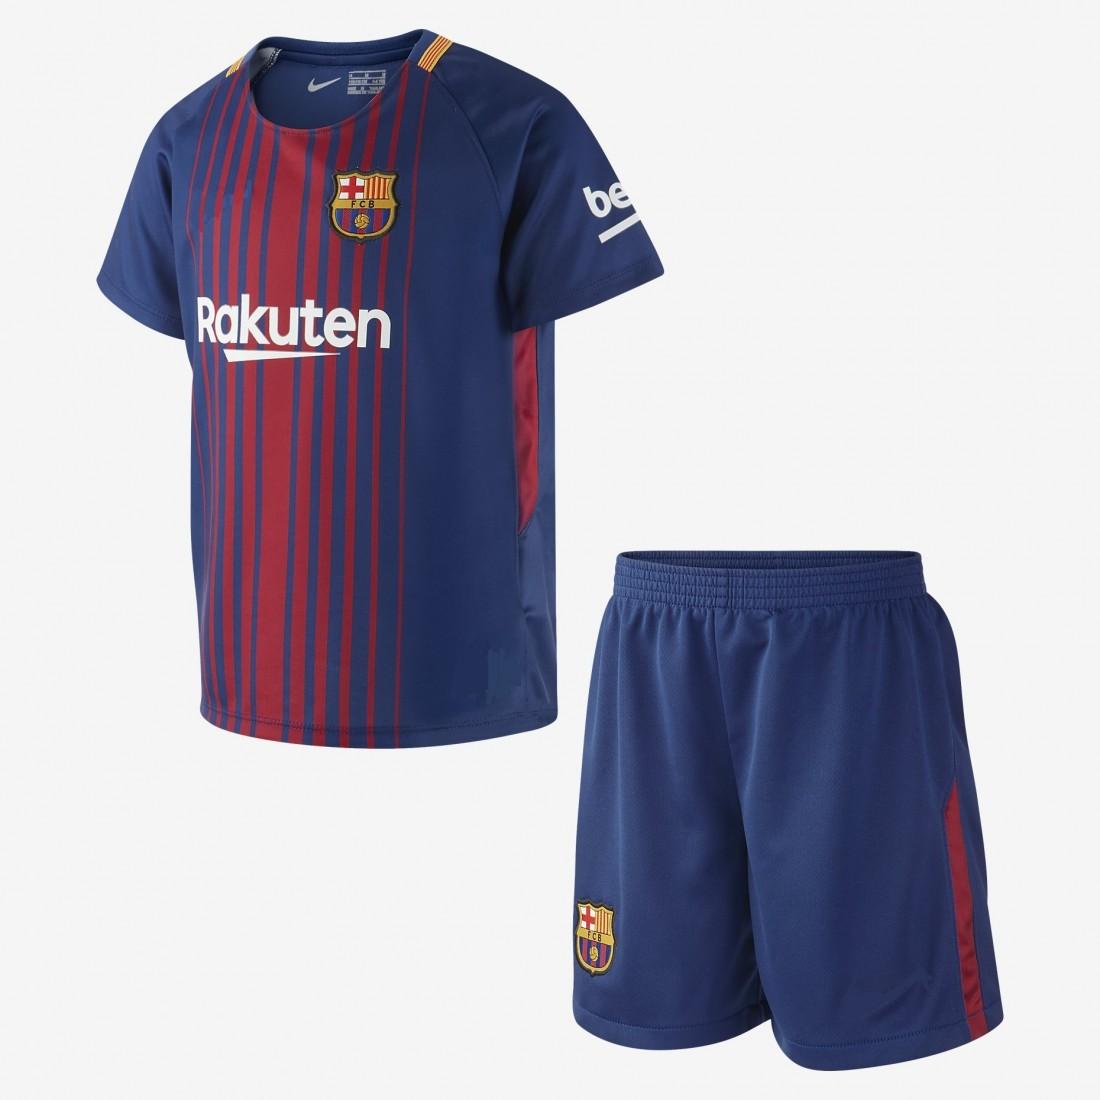 2ea42453e96 детски футболен екип на Барселона 2017 2018 домакински Барса Неймар Джуниър